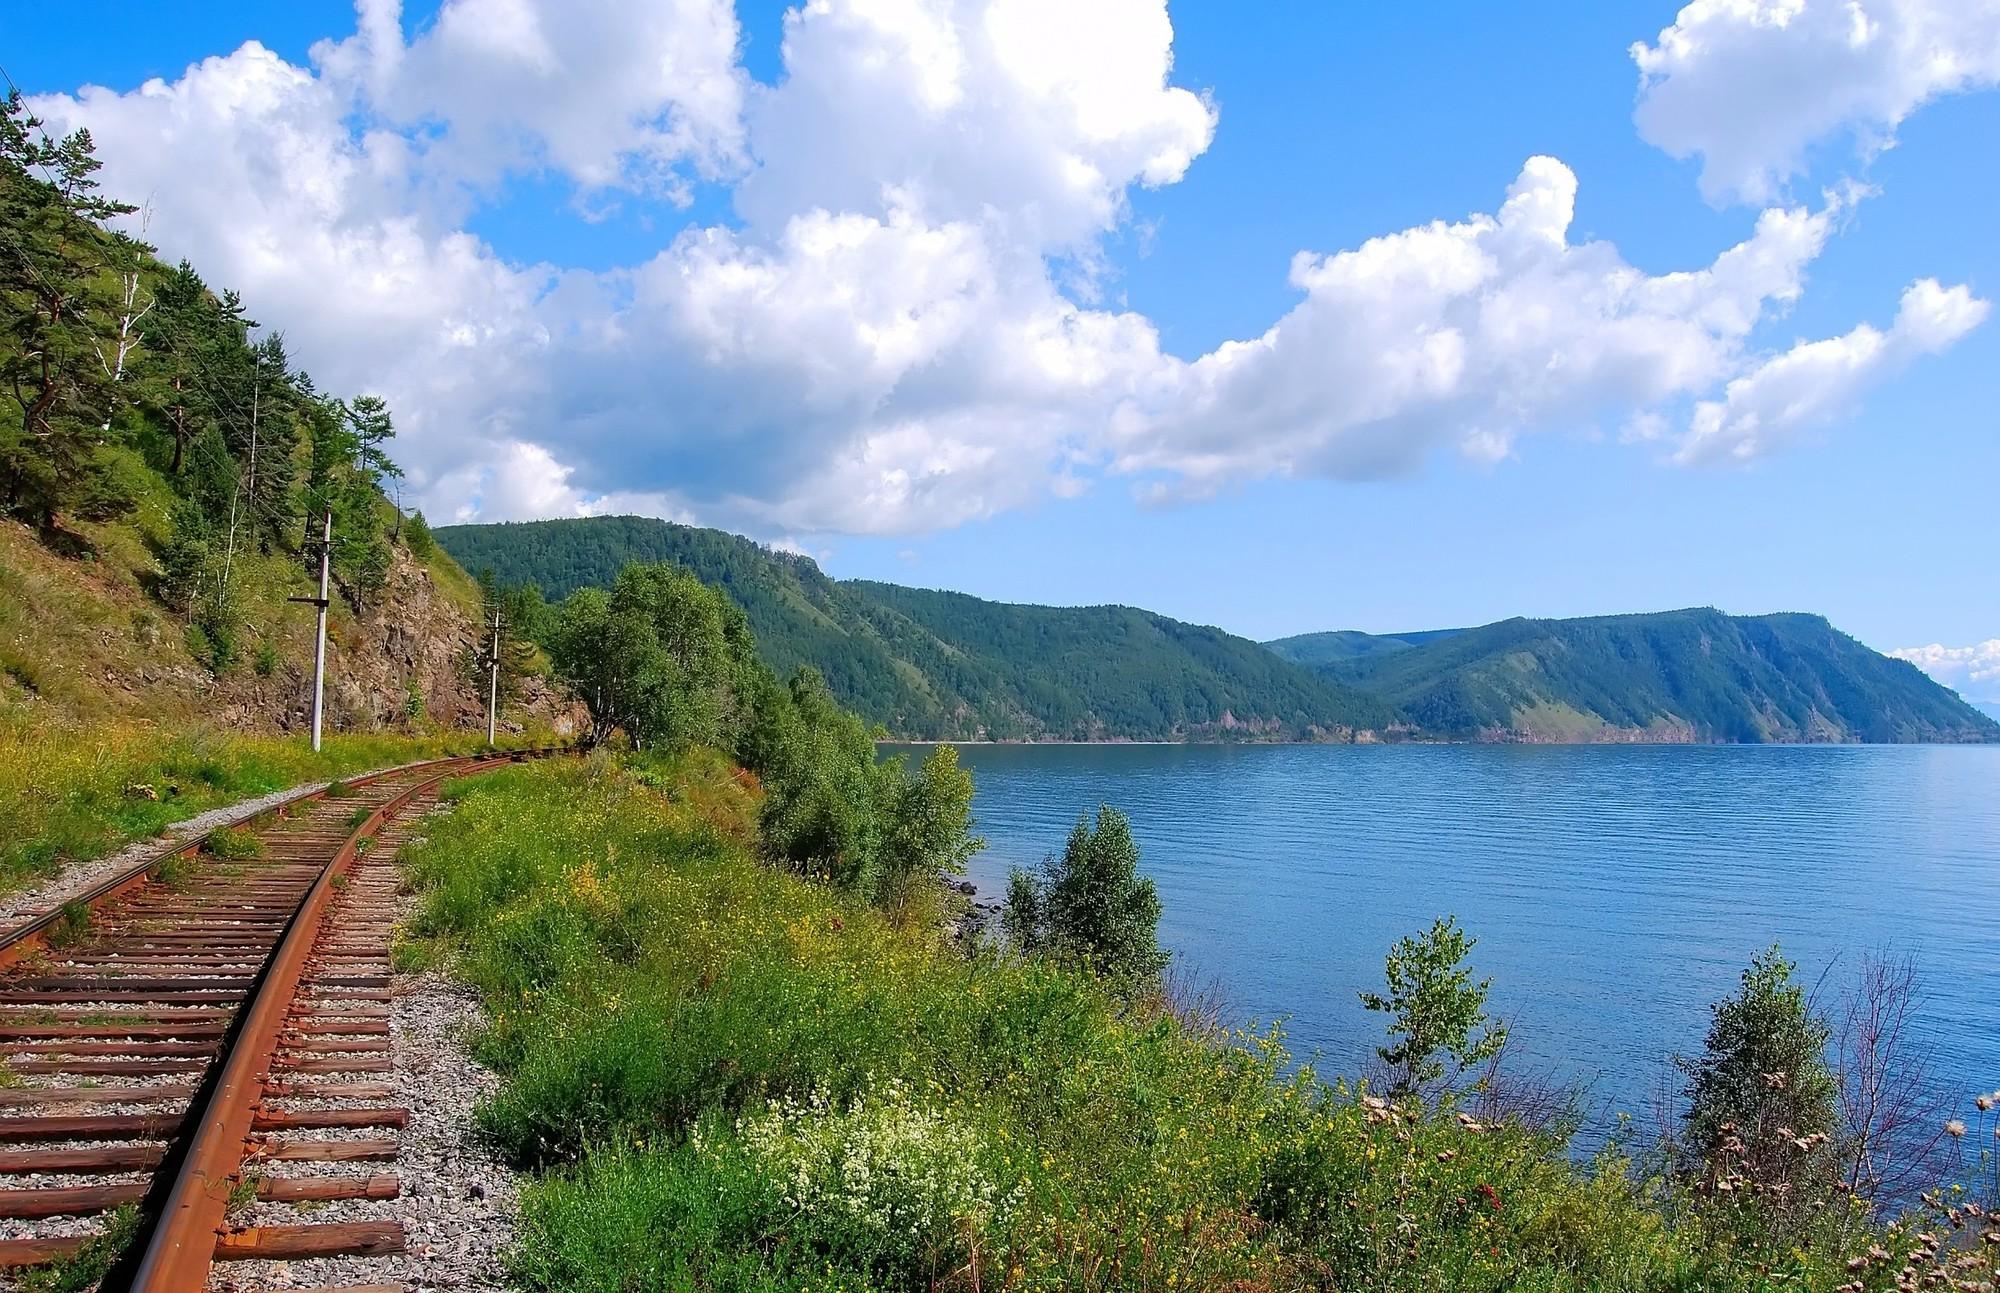 bigstock-circum-baikal-railroad-8807020